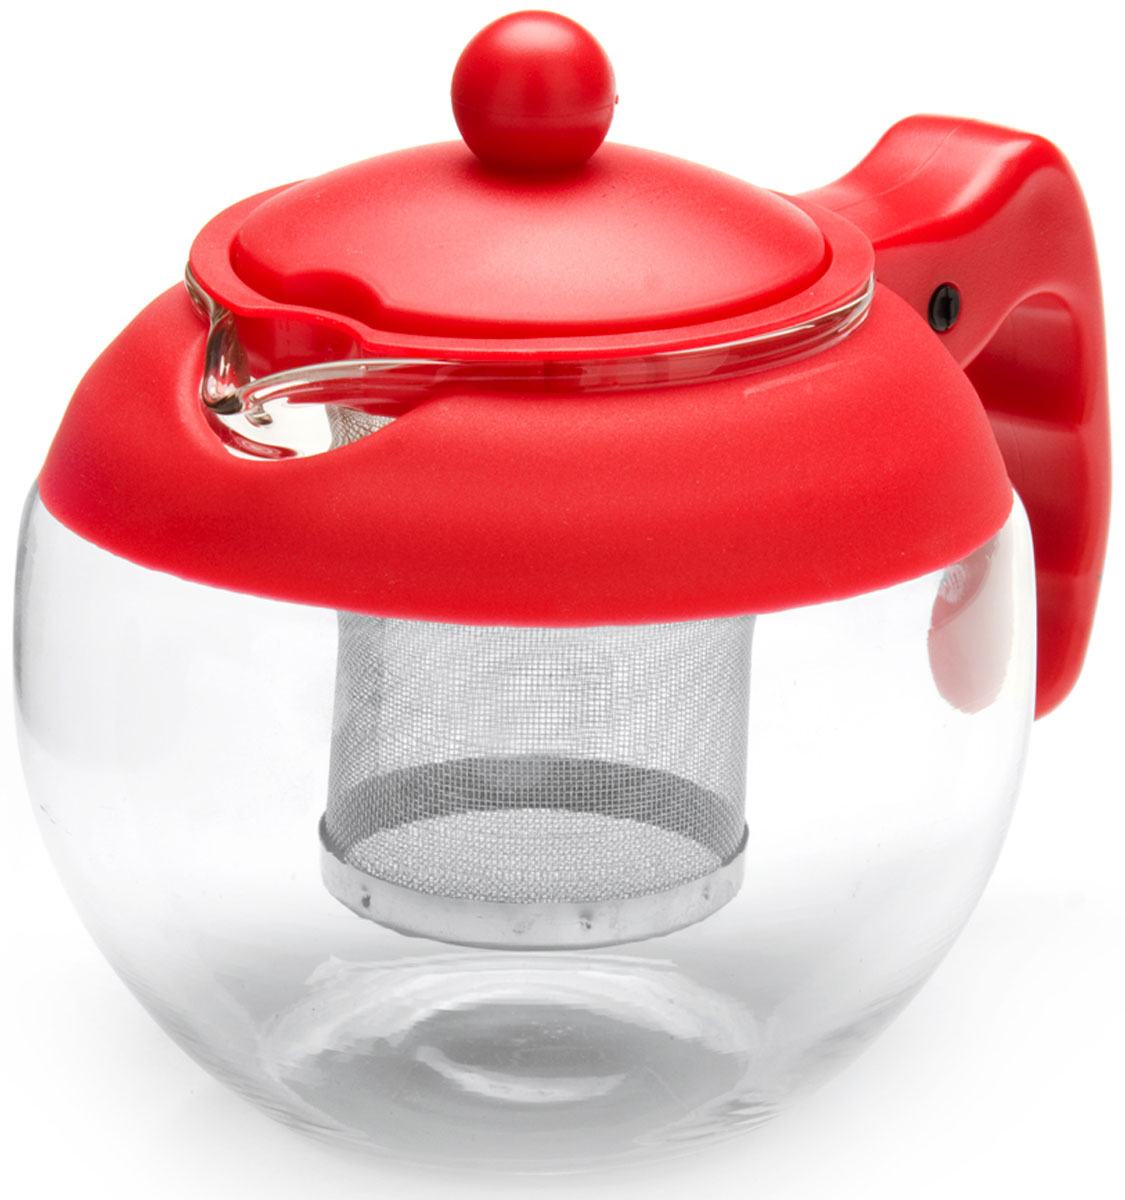 Чайник заварочный Mayer & Boch, с фильтром, цвет: красный, 750 мл. 26174-19933 WB_красныйЗаварочный чайник Mayer & Boch изготовлен из термостойкого боросиликатного стекла, фильтр выполнен из нержавеющей стали. Изделия из стекла не впитывают запахи, благодаря чему вы всегда получите натуральный, насыщенный вкус и аромат напитков. Заварочный чайник из стекла удобно использовать для повседневного заваривания чая практически любого сорта. Но цветочные, фруктовые, красные и желтые сорта чая лучше других раскрывают свой вкус и аромат при заваривании именно в стеклянных чайниках, а также сохраняют все полезные ферменты и витамины, содержащиеся в чайных листах. Стальной фильтр гарантирует прозрачность и чистоту напитка от чайных листьев, при этом сохранив букет и насыщенность чая.Прозрачные стенки чайника дают возможность насладиться насыщенным цветом заваренного чая. Изящный заварочный чайник Mayer & Boch будет прекрасно смотреться в любом интерьере. Подходит для мытья в посудомоечной машине.